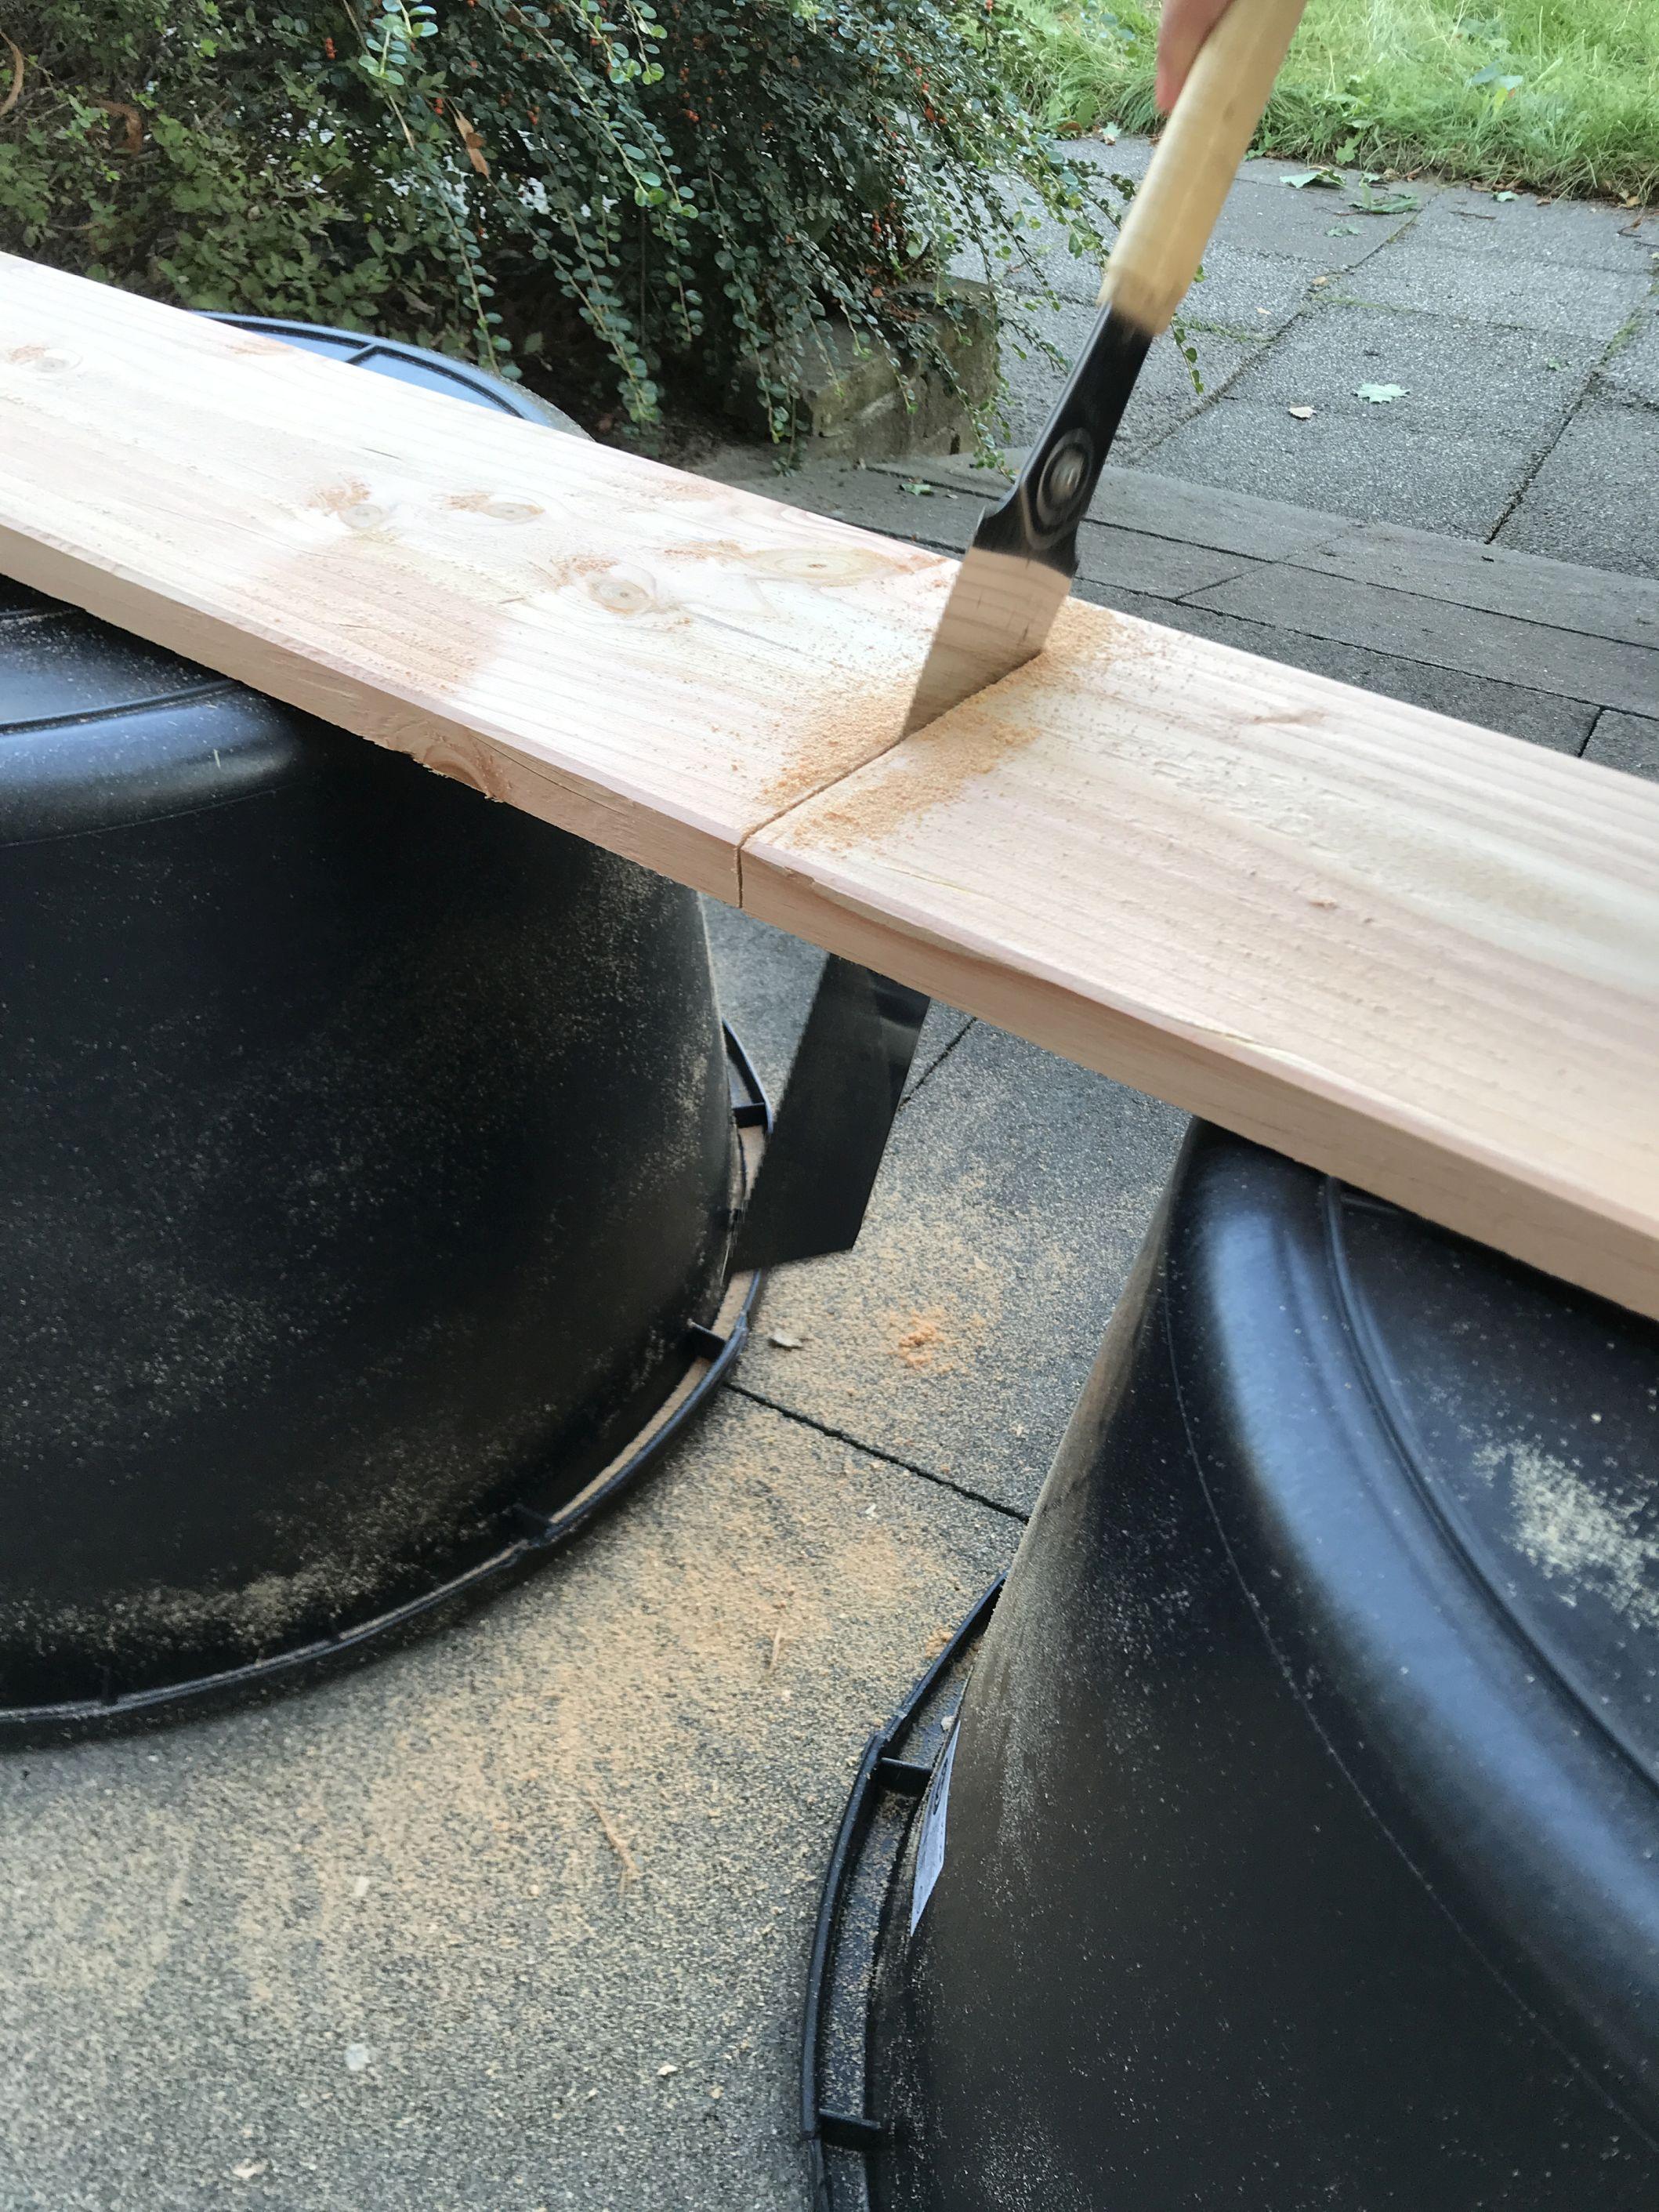 mit einer Säge wird durch ein Holzbrett gesägt, welches auf zwei umgedrehten Eimern liegt